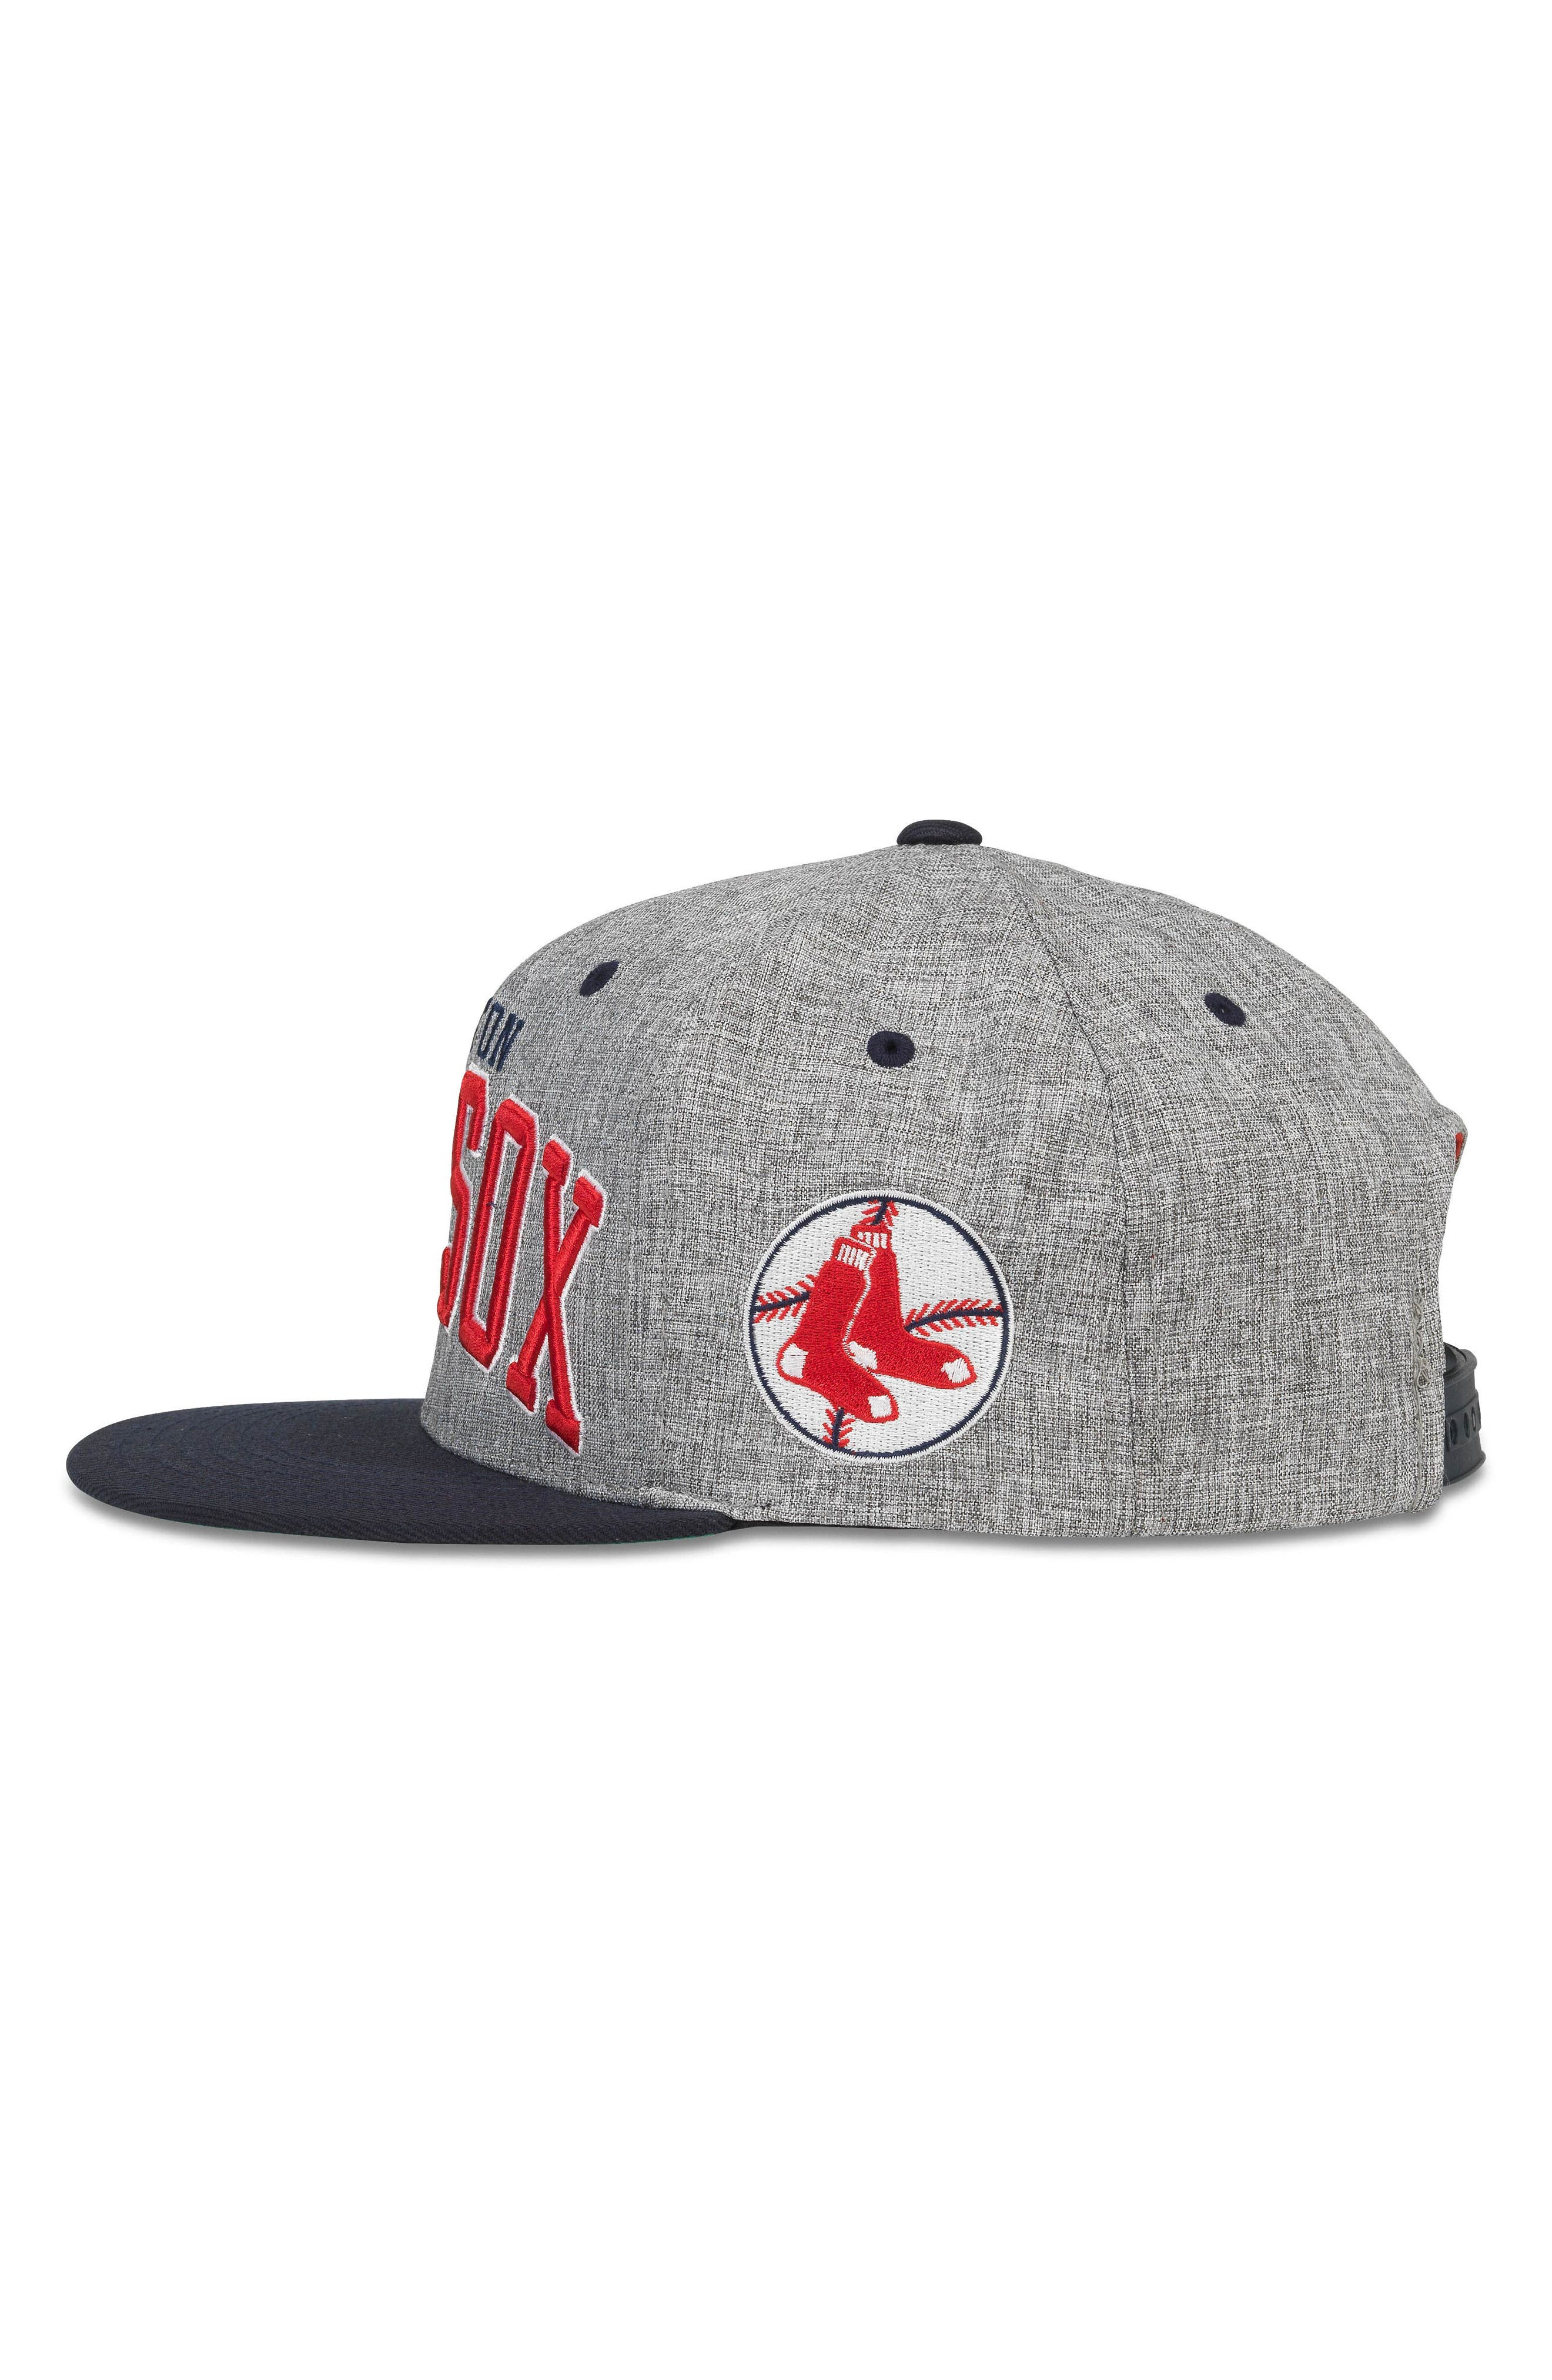 Stanton MLB Baseball Cap,                             Alternate thumbnail 2, color,                             027